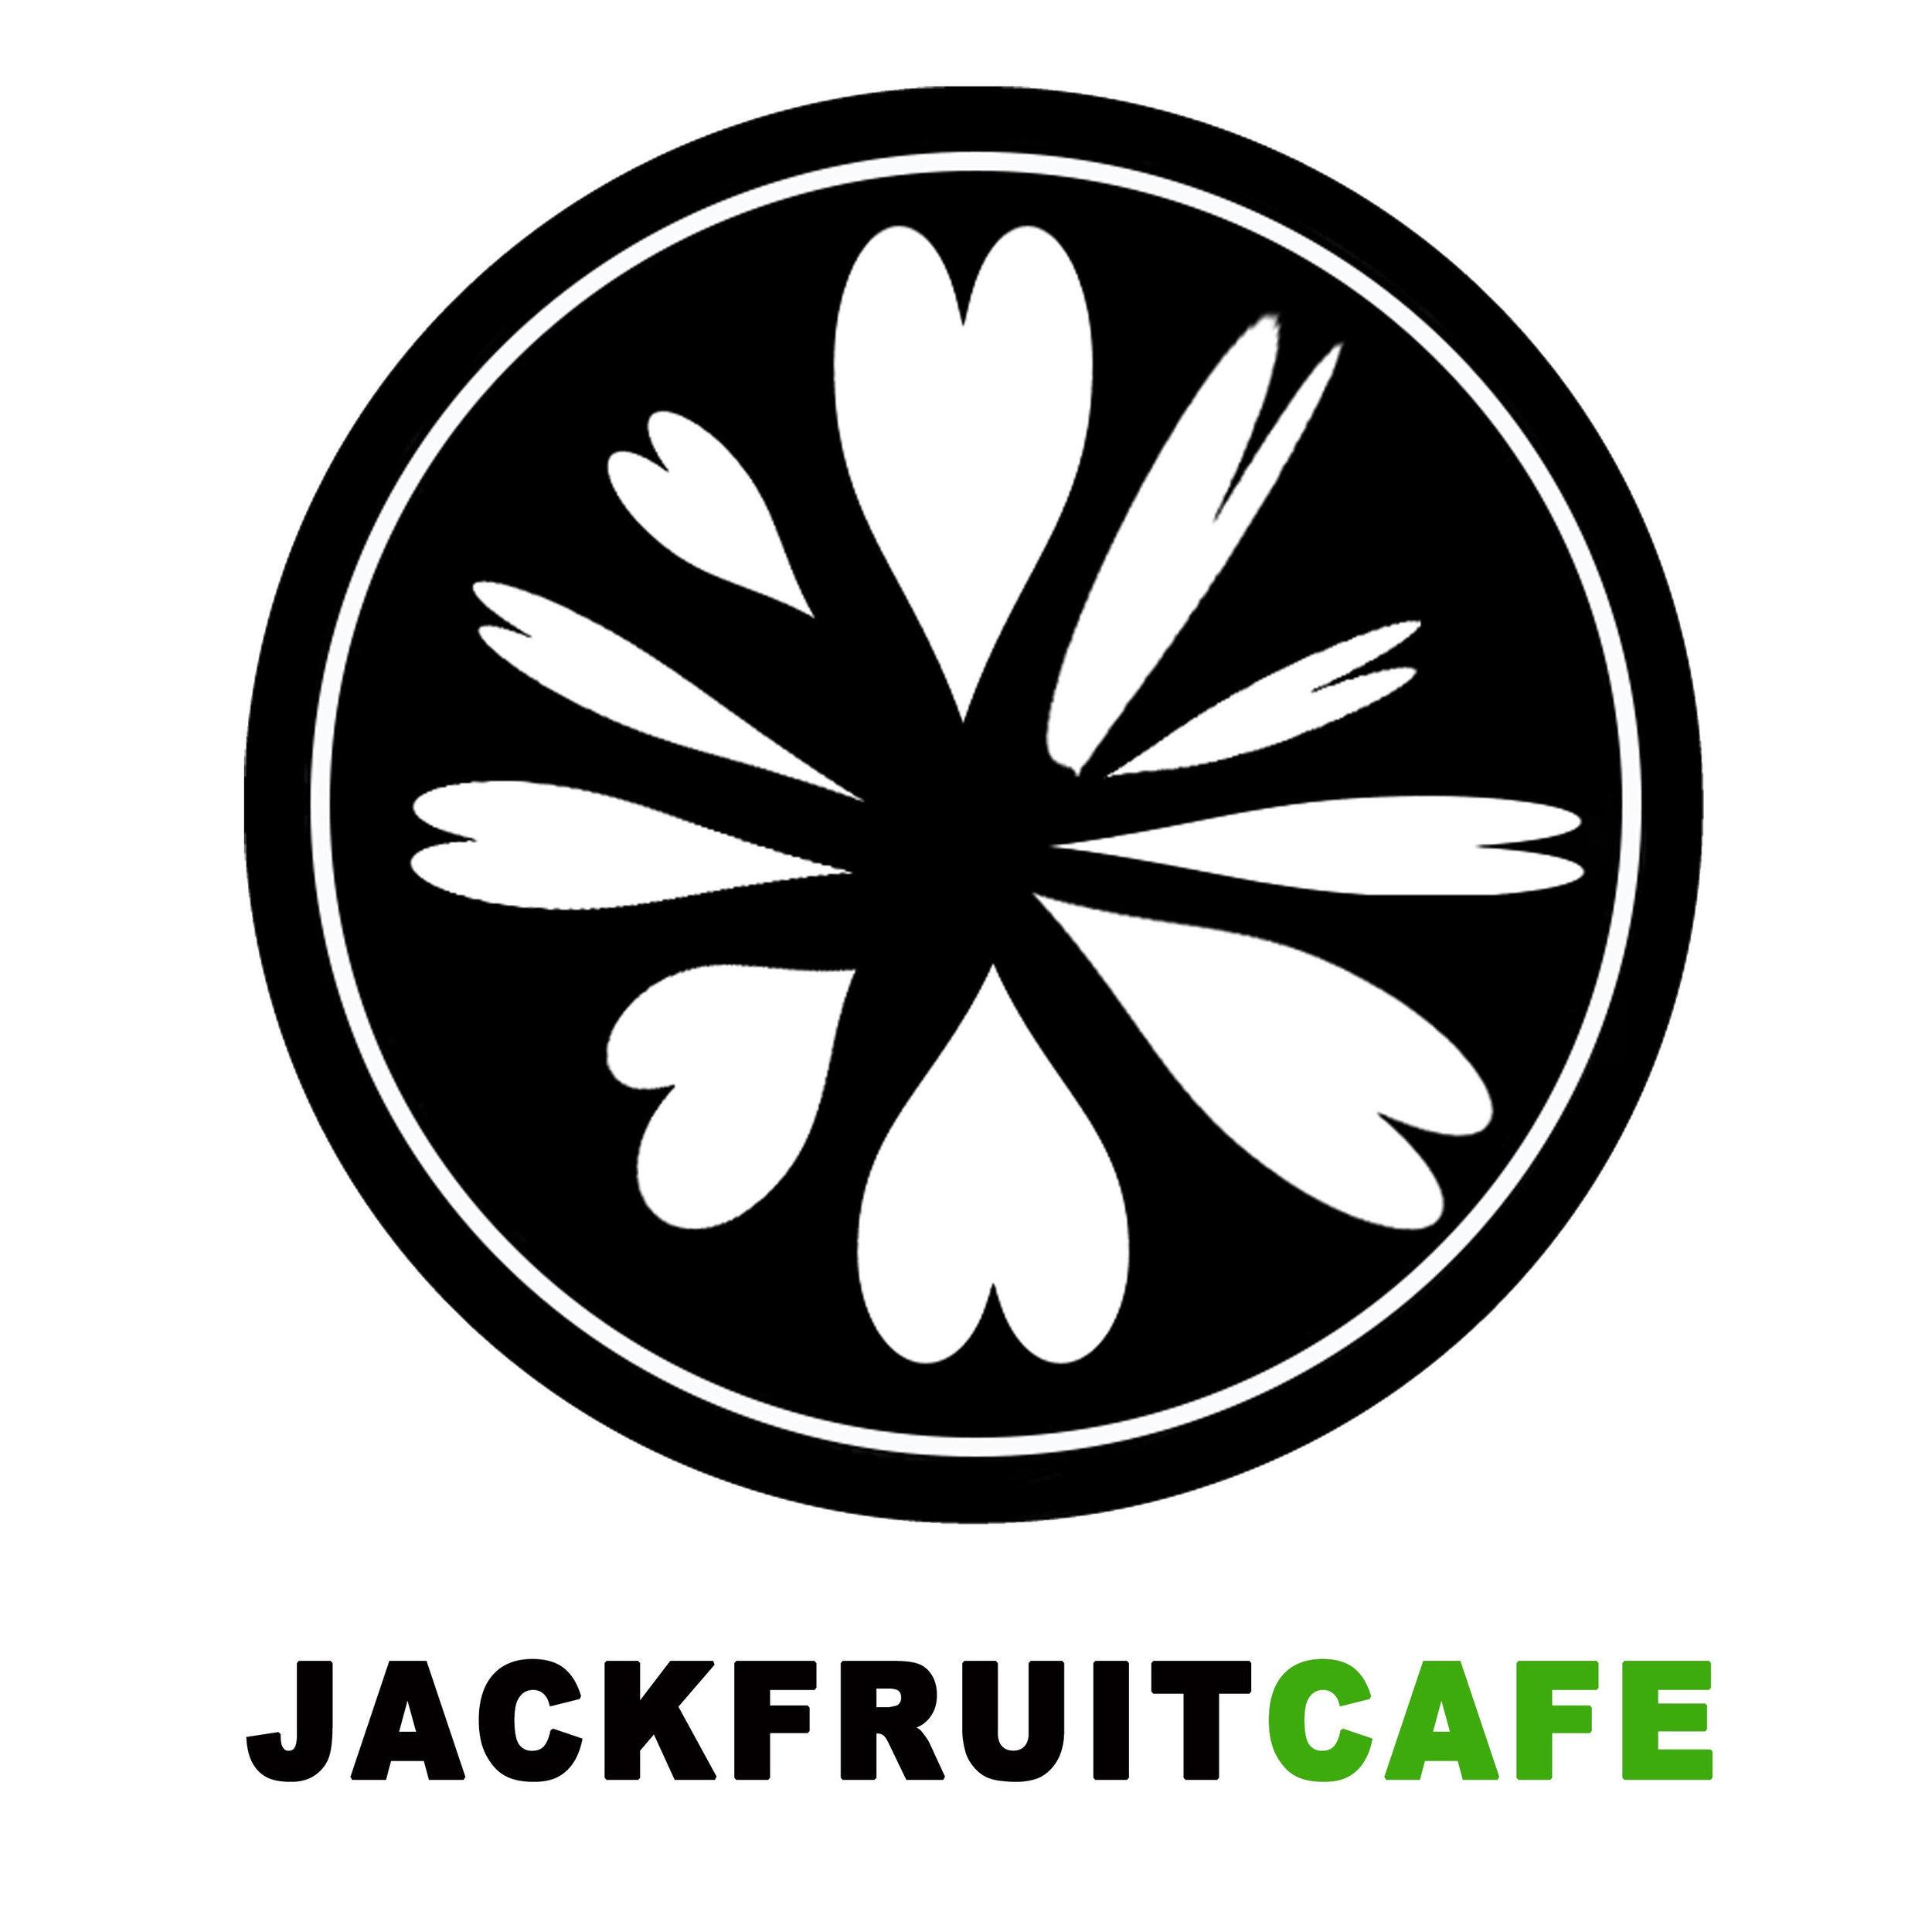 jackfruit.jpg